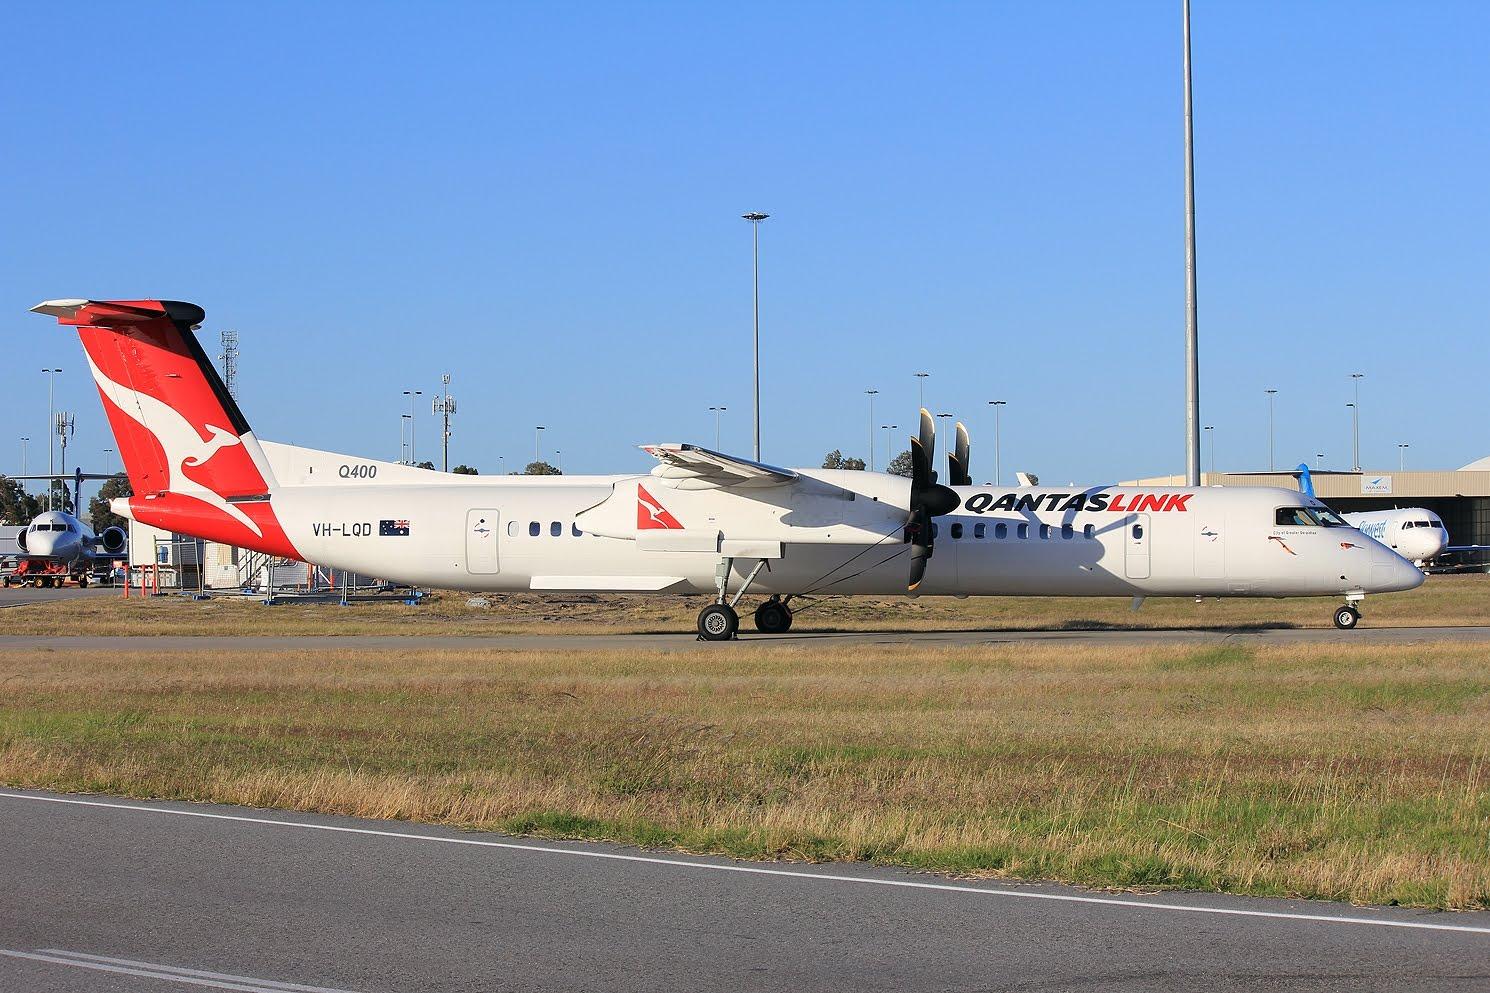 Sydney to gladstone flights